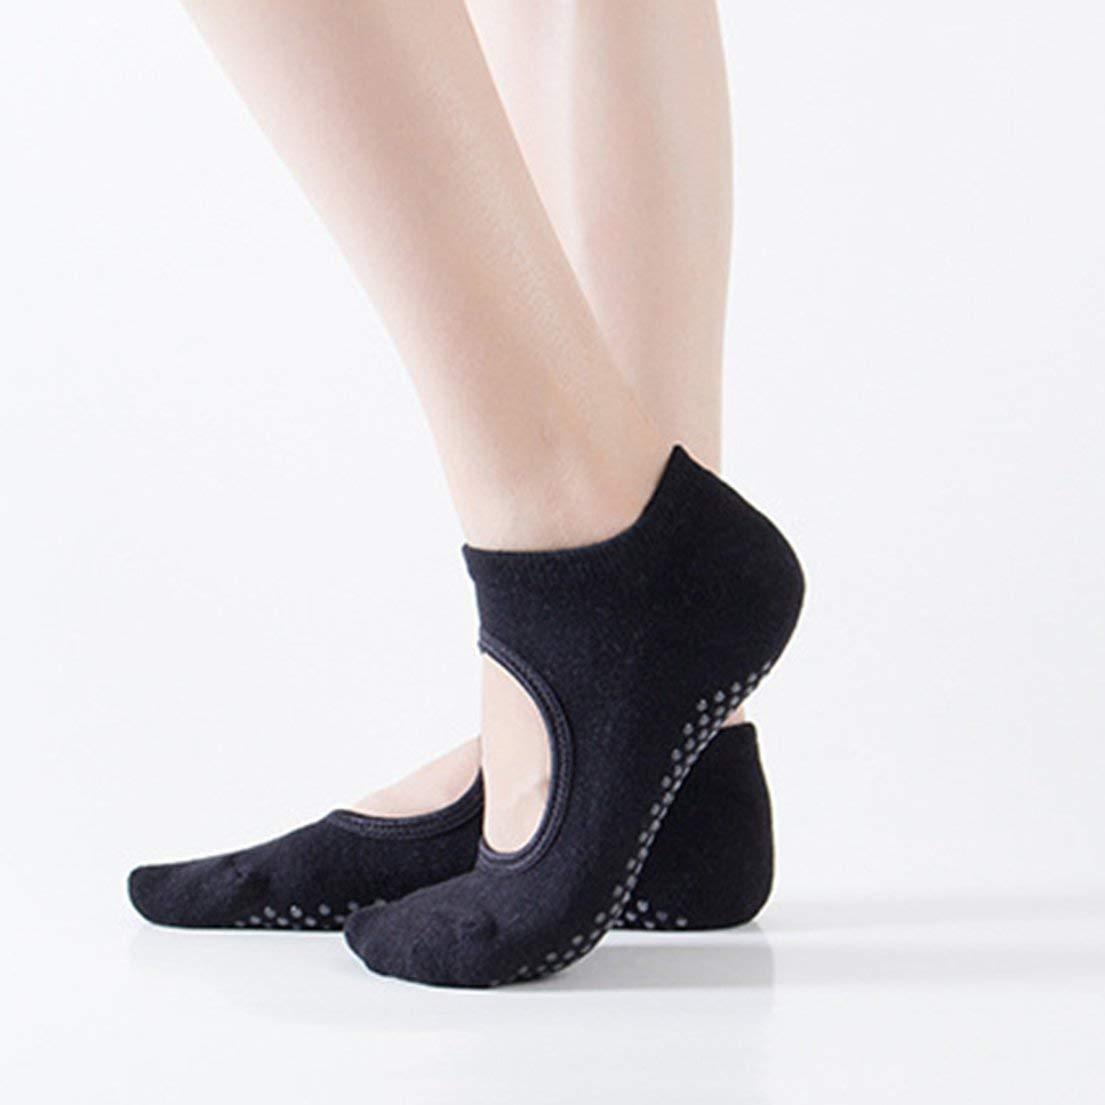 Chaussettes de yoga anti-d/érapantes pour femmes anti-d/érapantes et respirantes Fitness Pilates Chaussettes de danse anti-d/érapantes chaussettes en coton avec chaussettes /à talons noir DFHJS